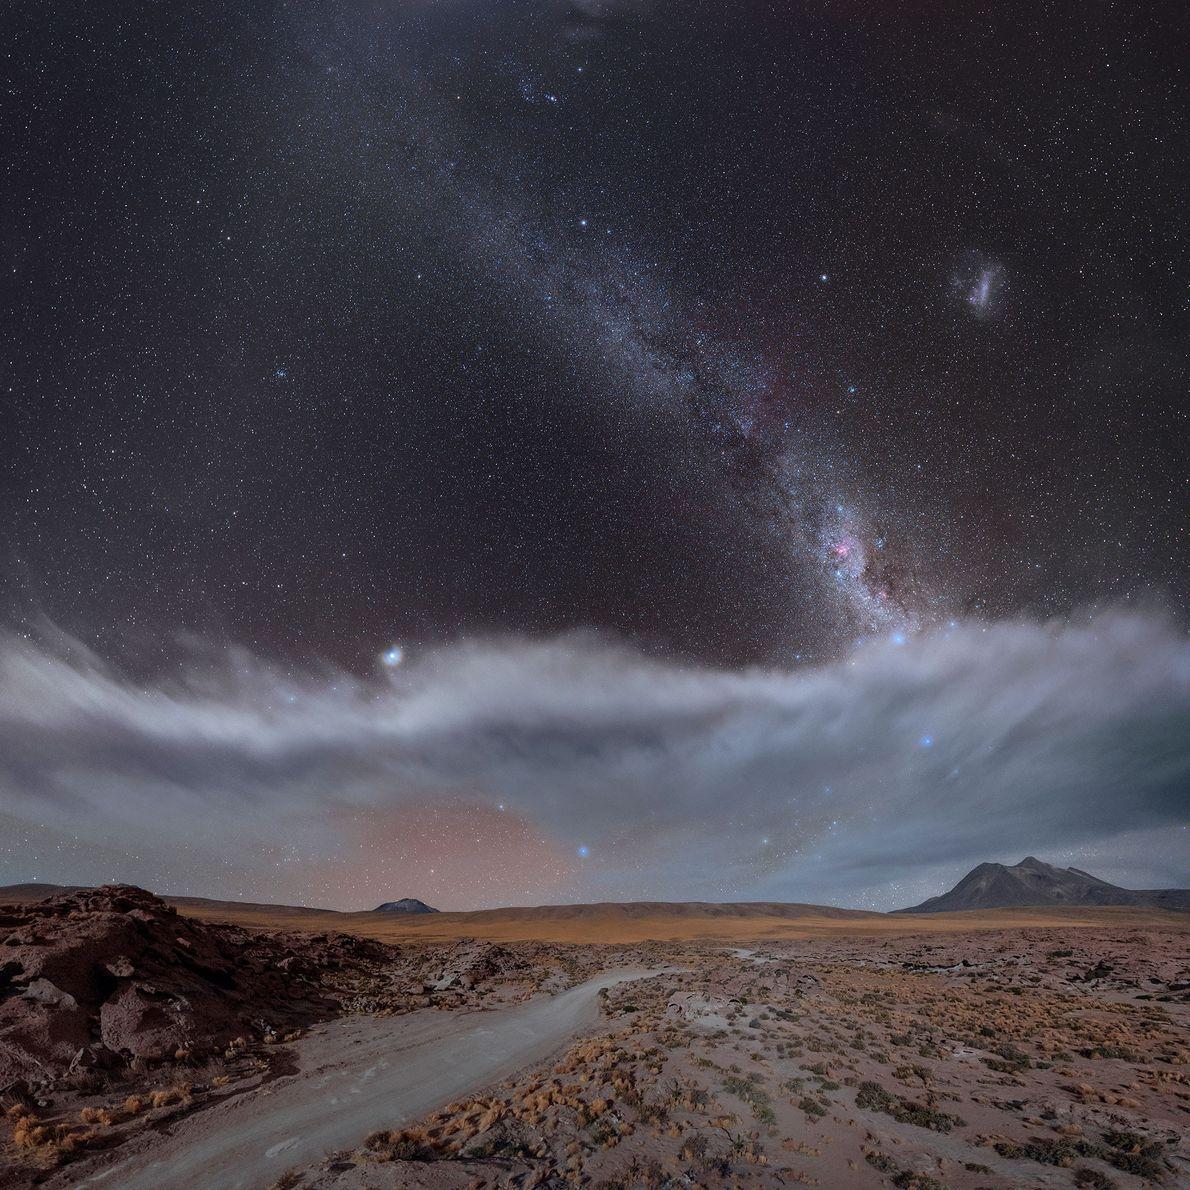 Nahe des Vulkans Miscanti in Chile kann man neben der Großen Magellansche Wolke auch den Jupiter ...